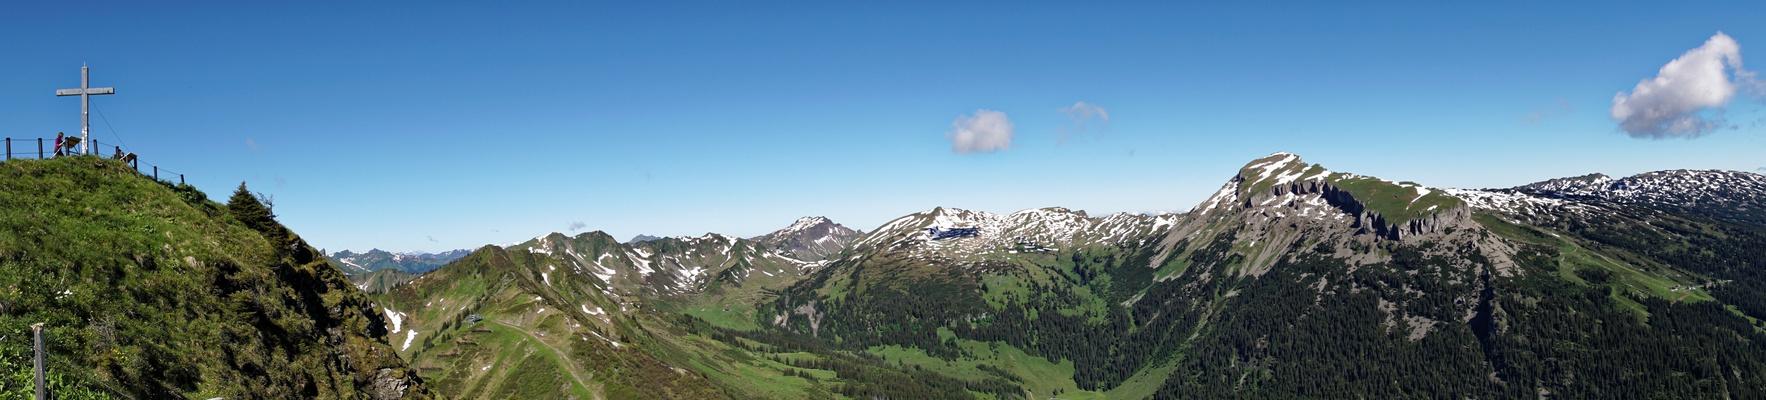 Panorama mit Walmendinger Horn und Ifen